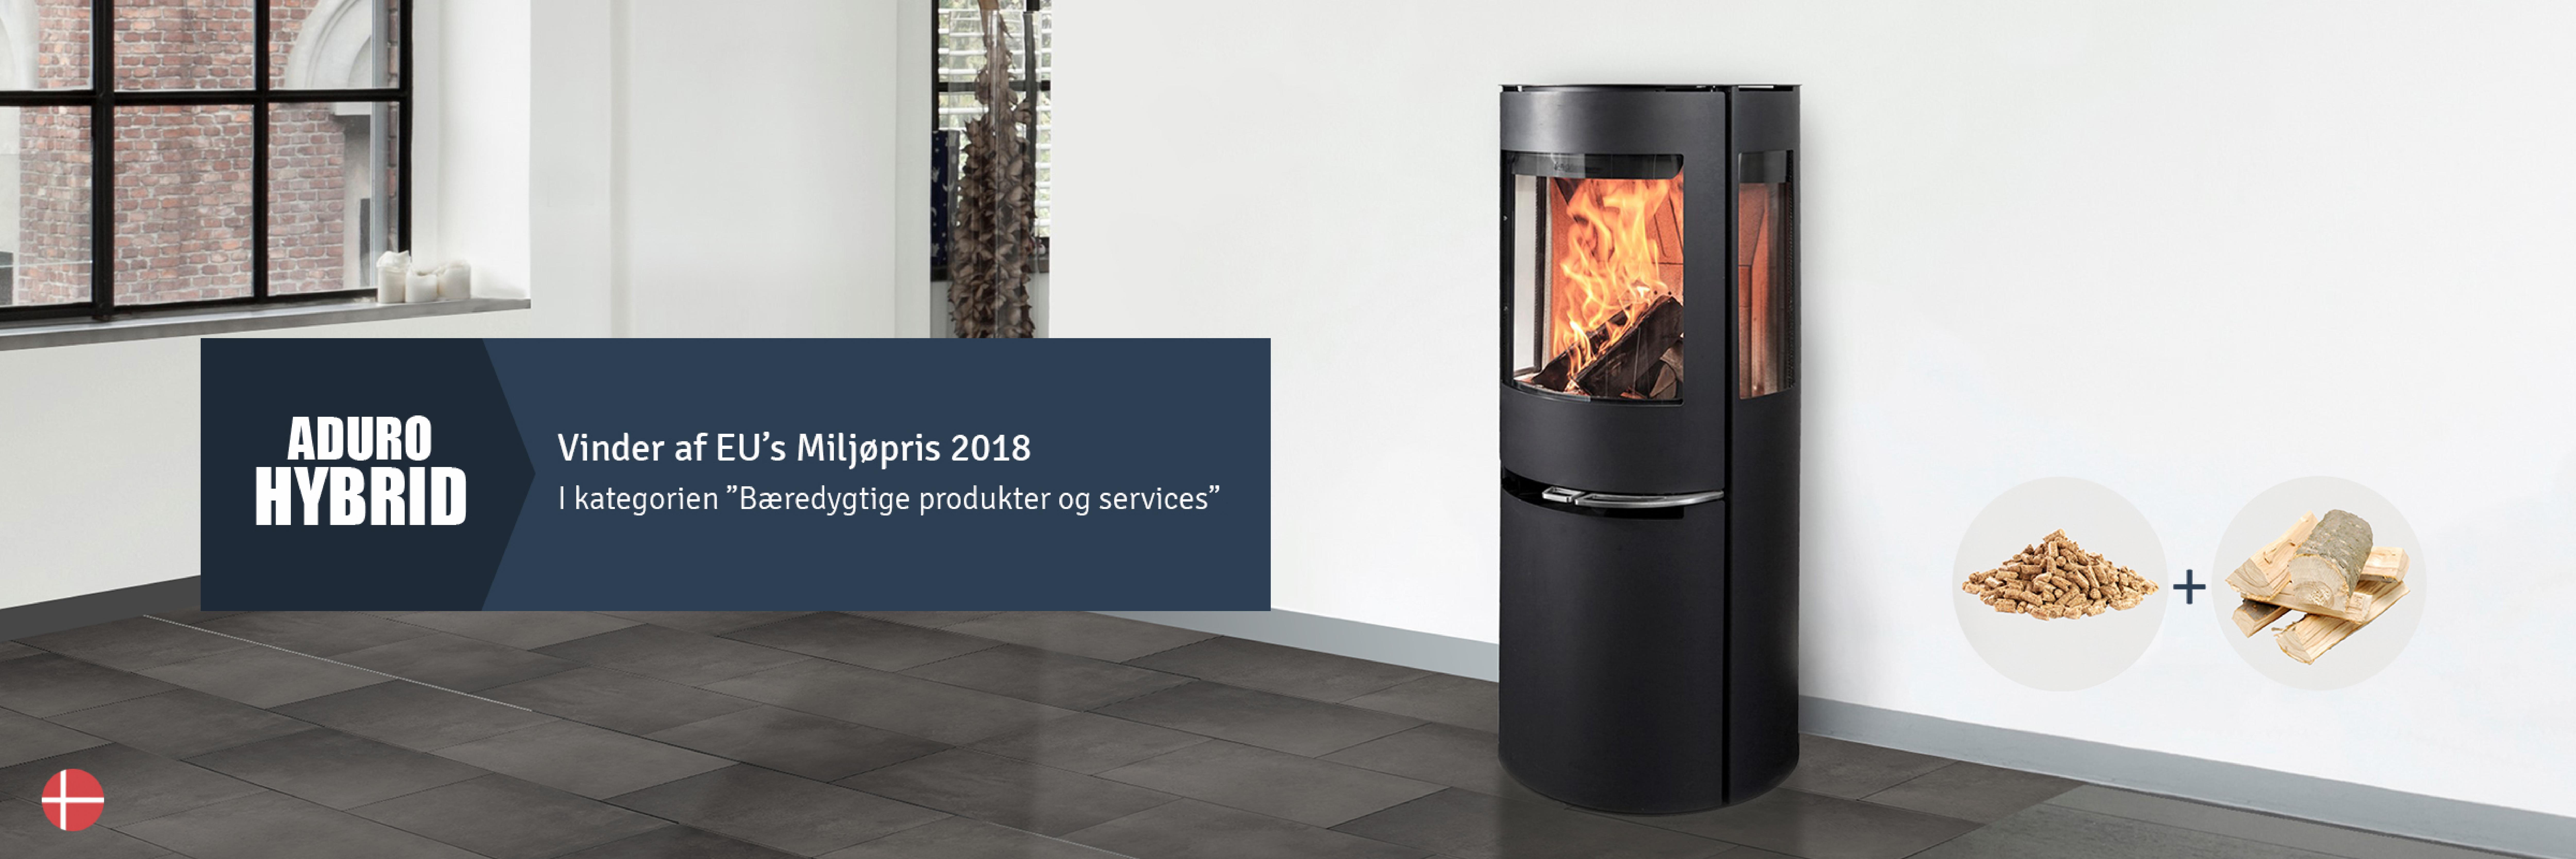 Super Brændeovn | Find de bedste brændeovne på Aduro.dk DM32